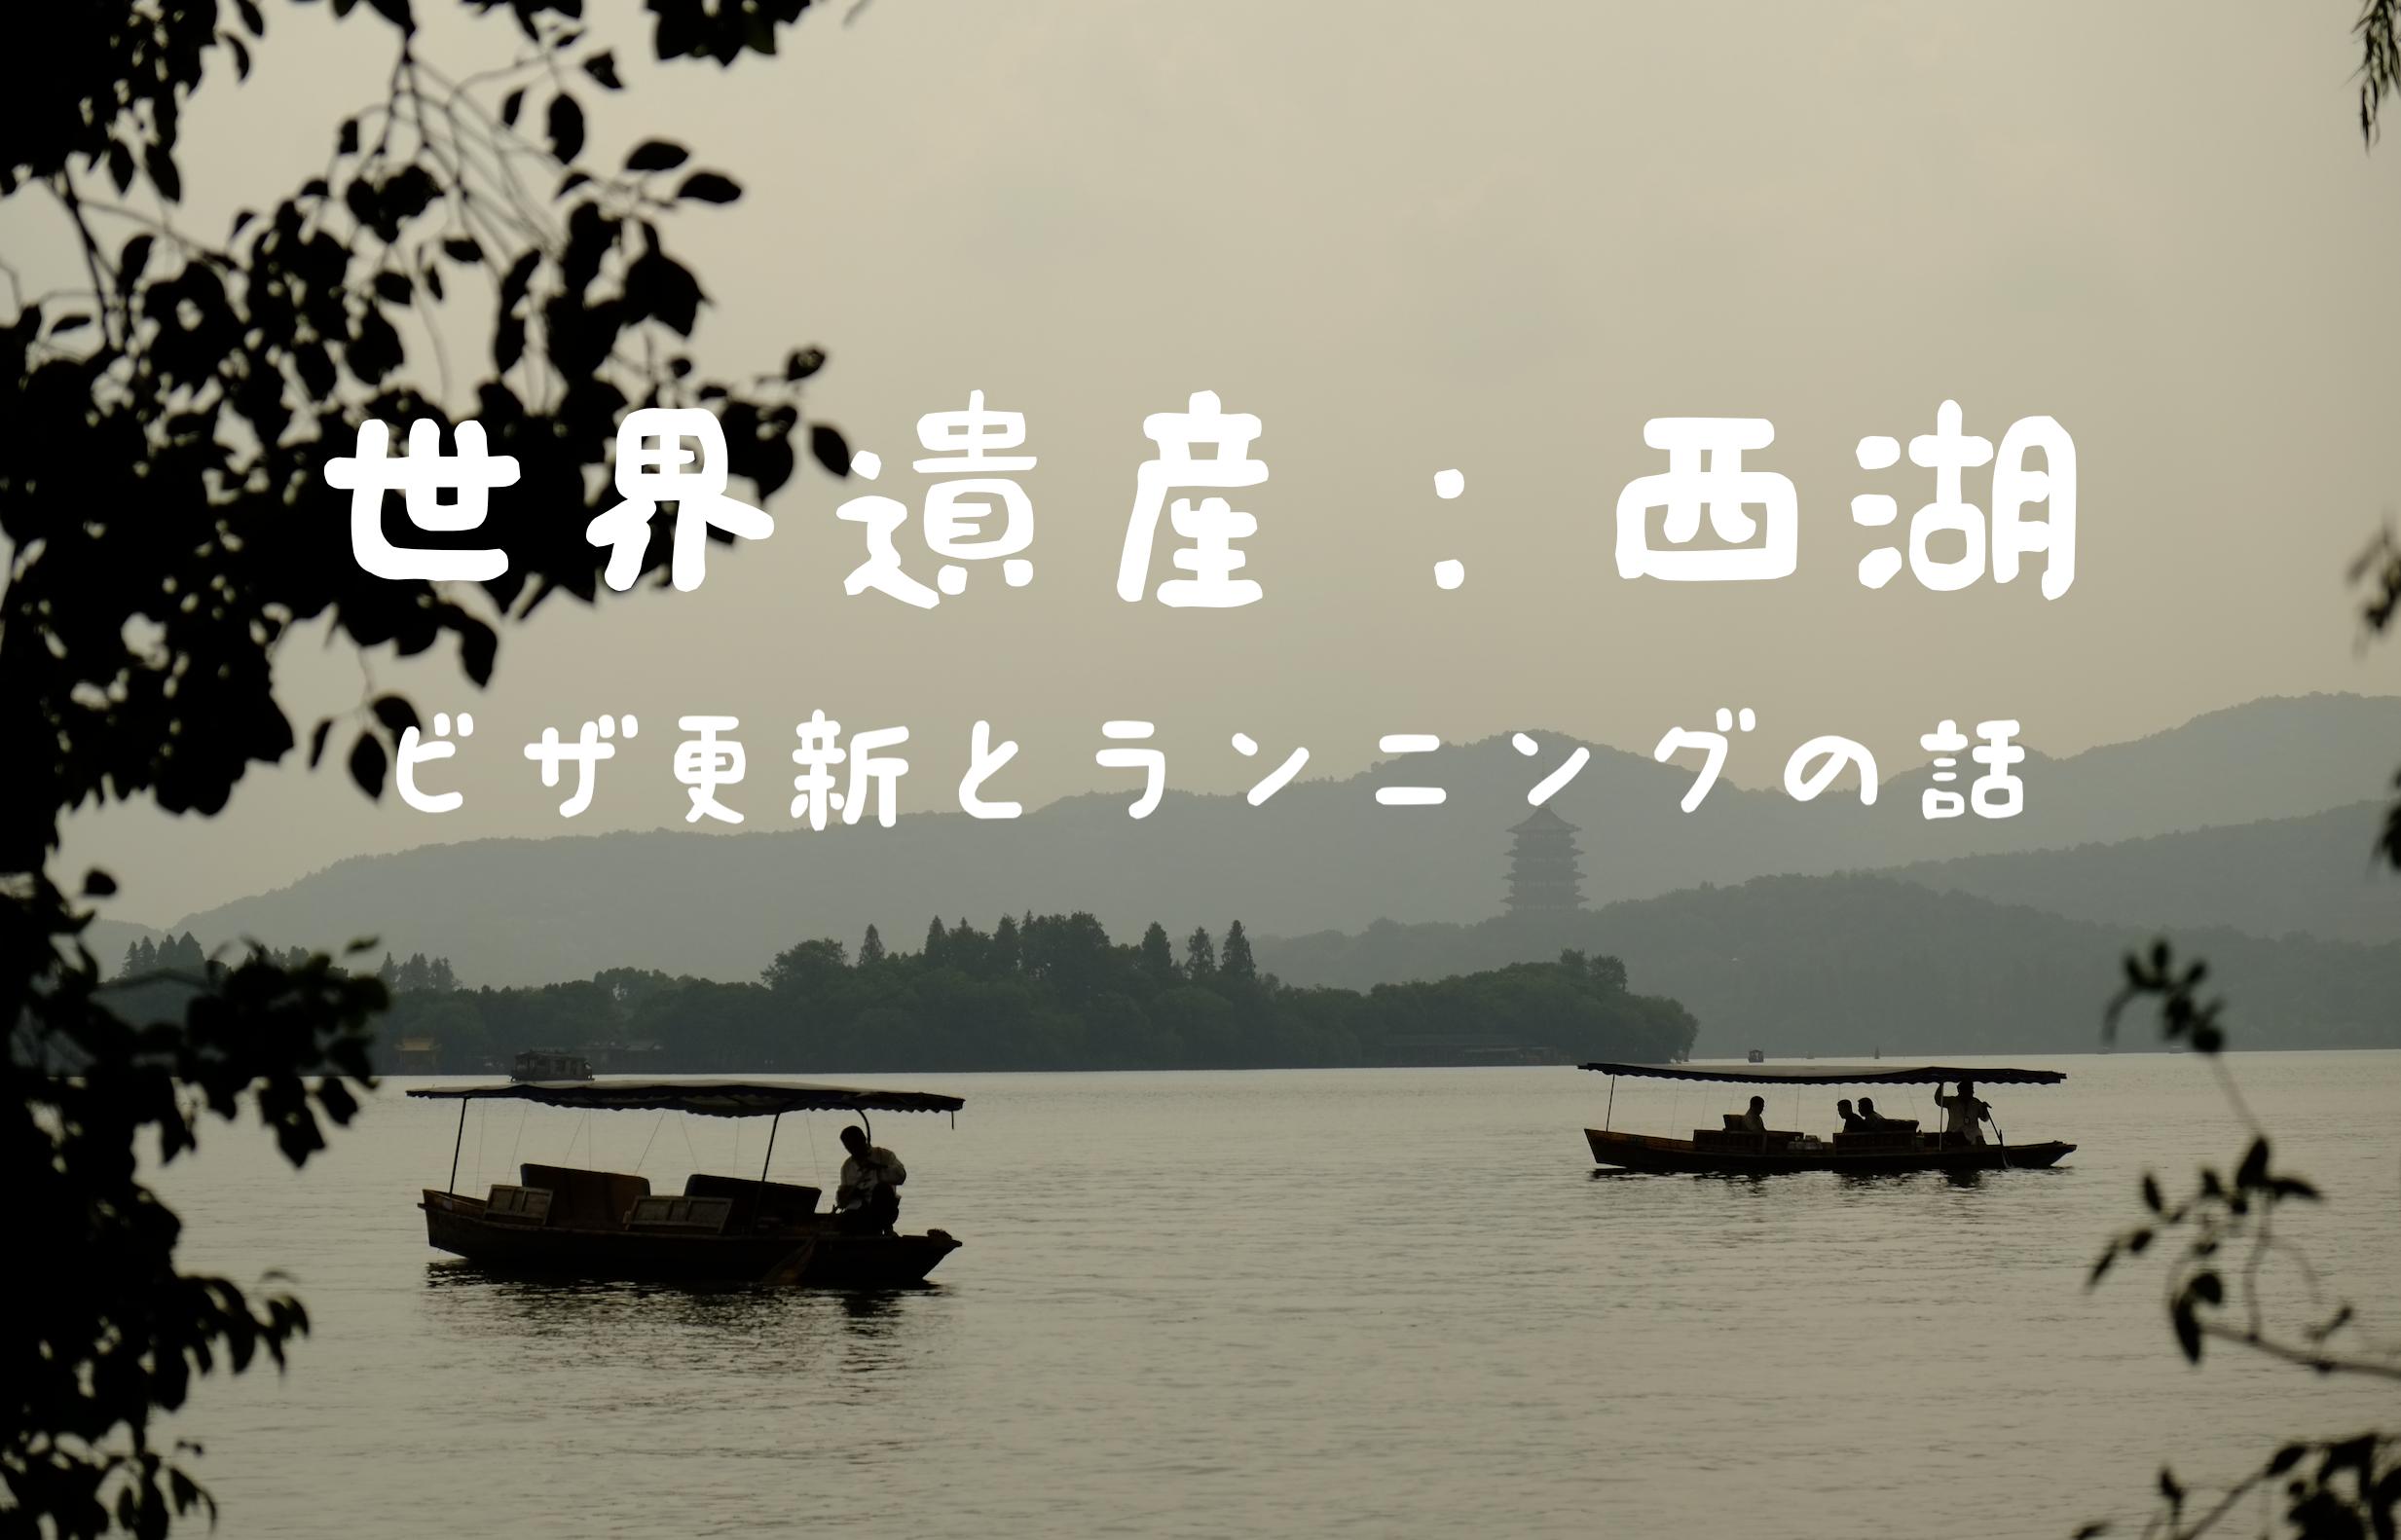 杭州でLビザ取得と西湖でランニングした話